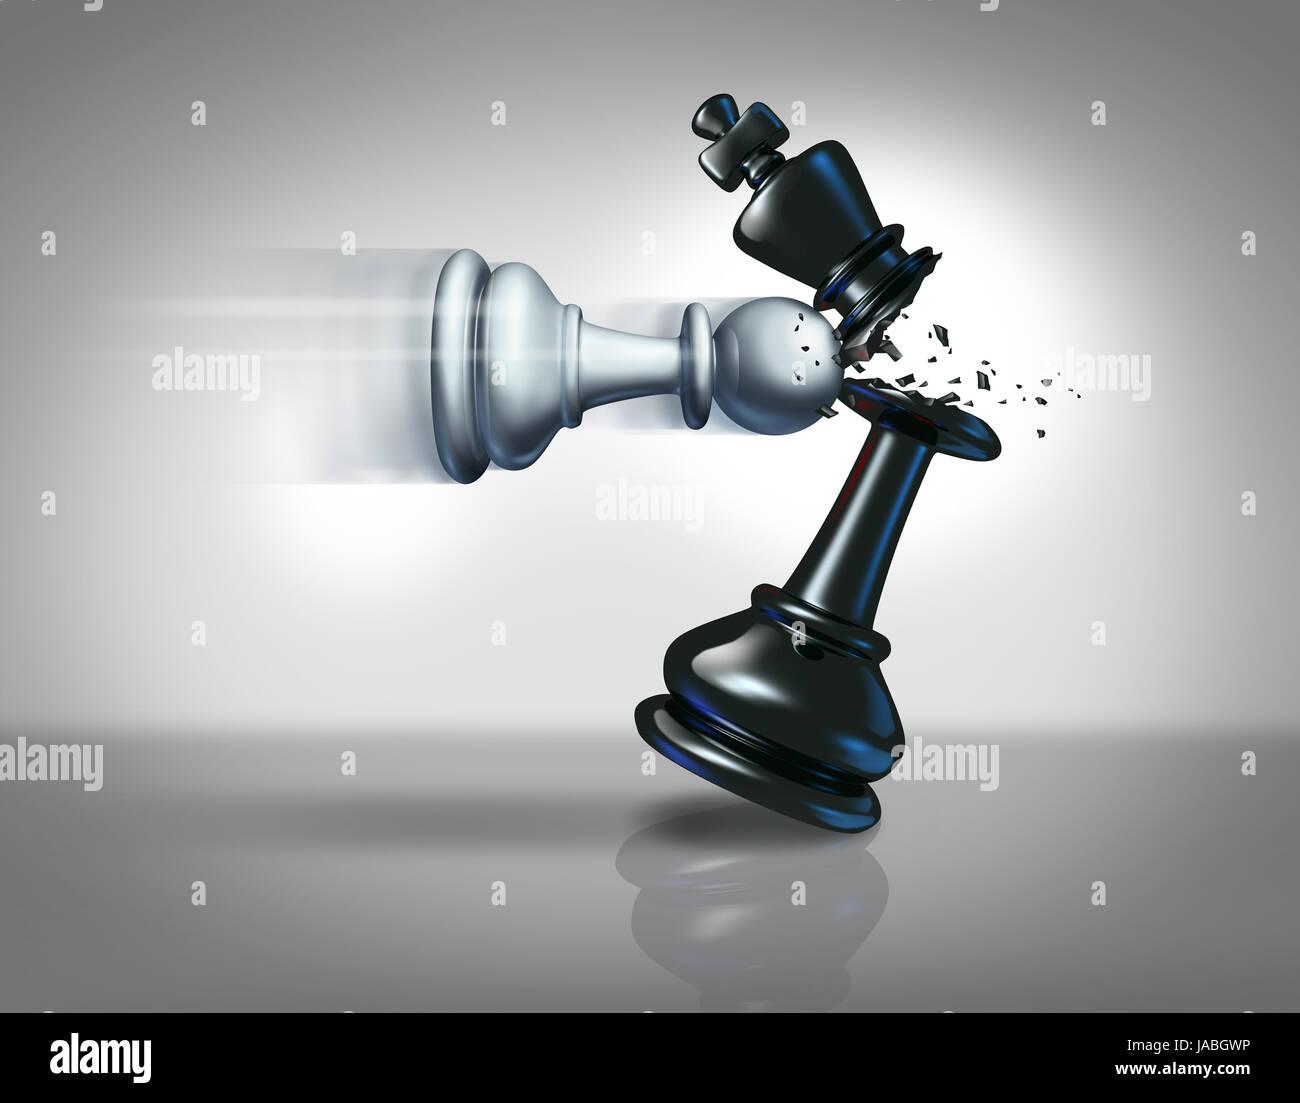 Estrategia empresarial inicio concepto como un peón de ajedrez rompiendo un pedazo de rey como una metáfora Imagen De Stock